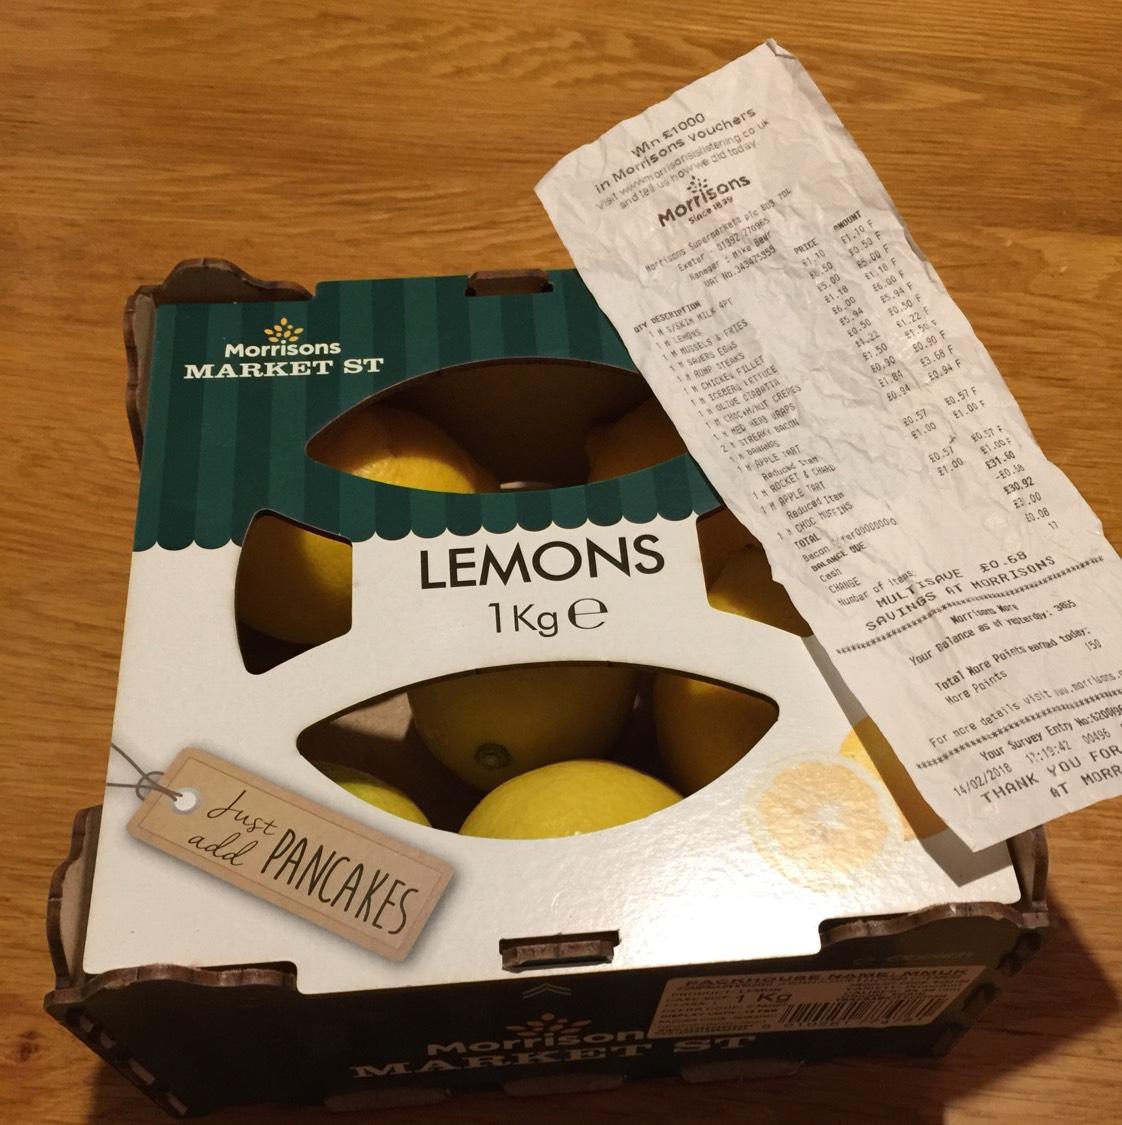 1kg box of Lemons... 50p instore @ Morrisons.